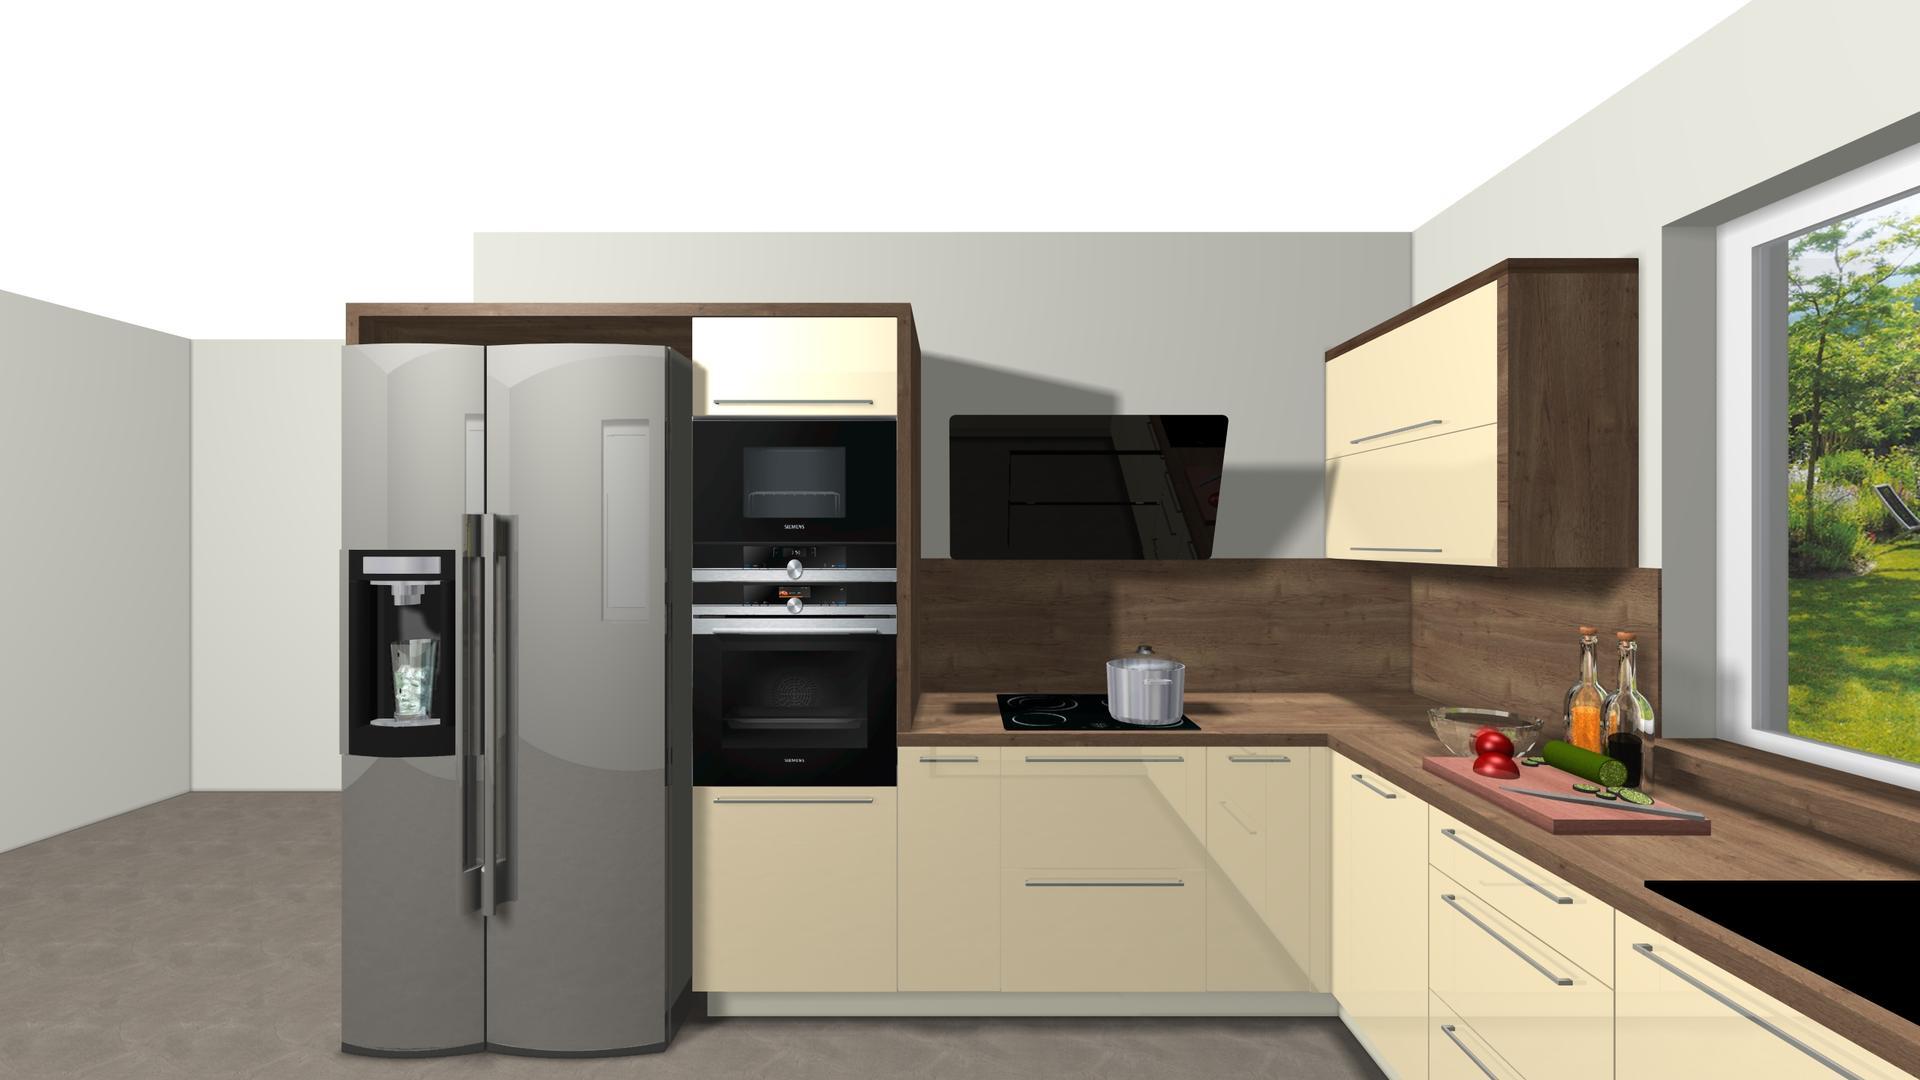 Návrhy kuchyně - Obrázek č. 2